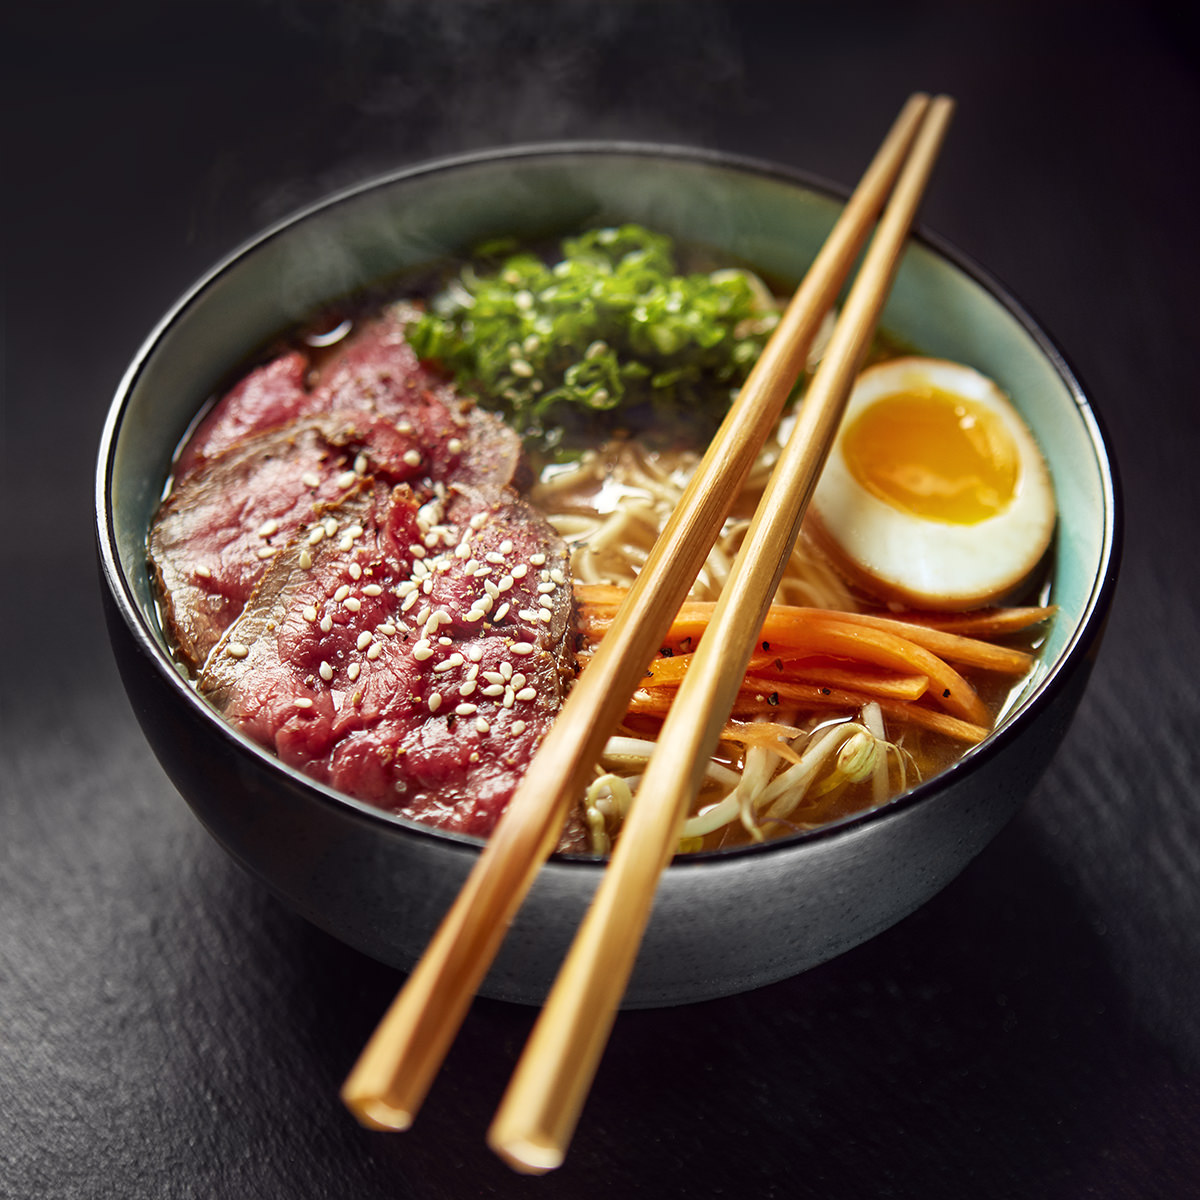 Foodfotografie einer Schüssel Shoyu Ramen